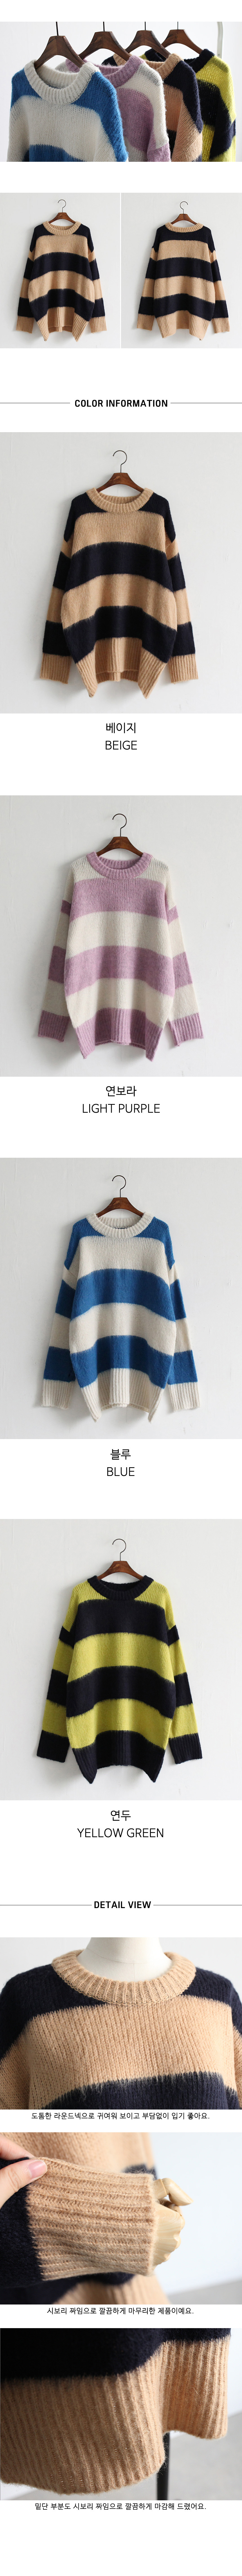 브러쉬 단가라 니트 - 하늘바라기, 38,900원, 상의, 니트/스웨터